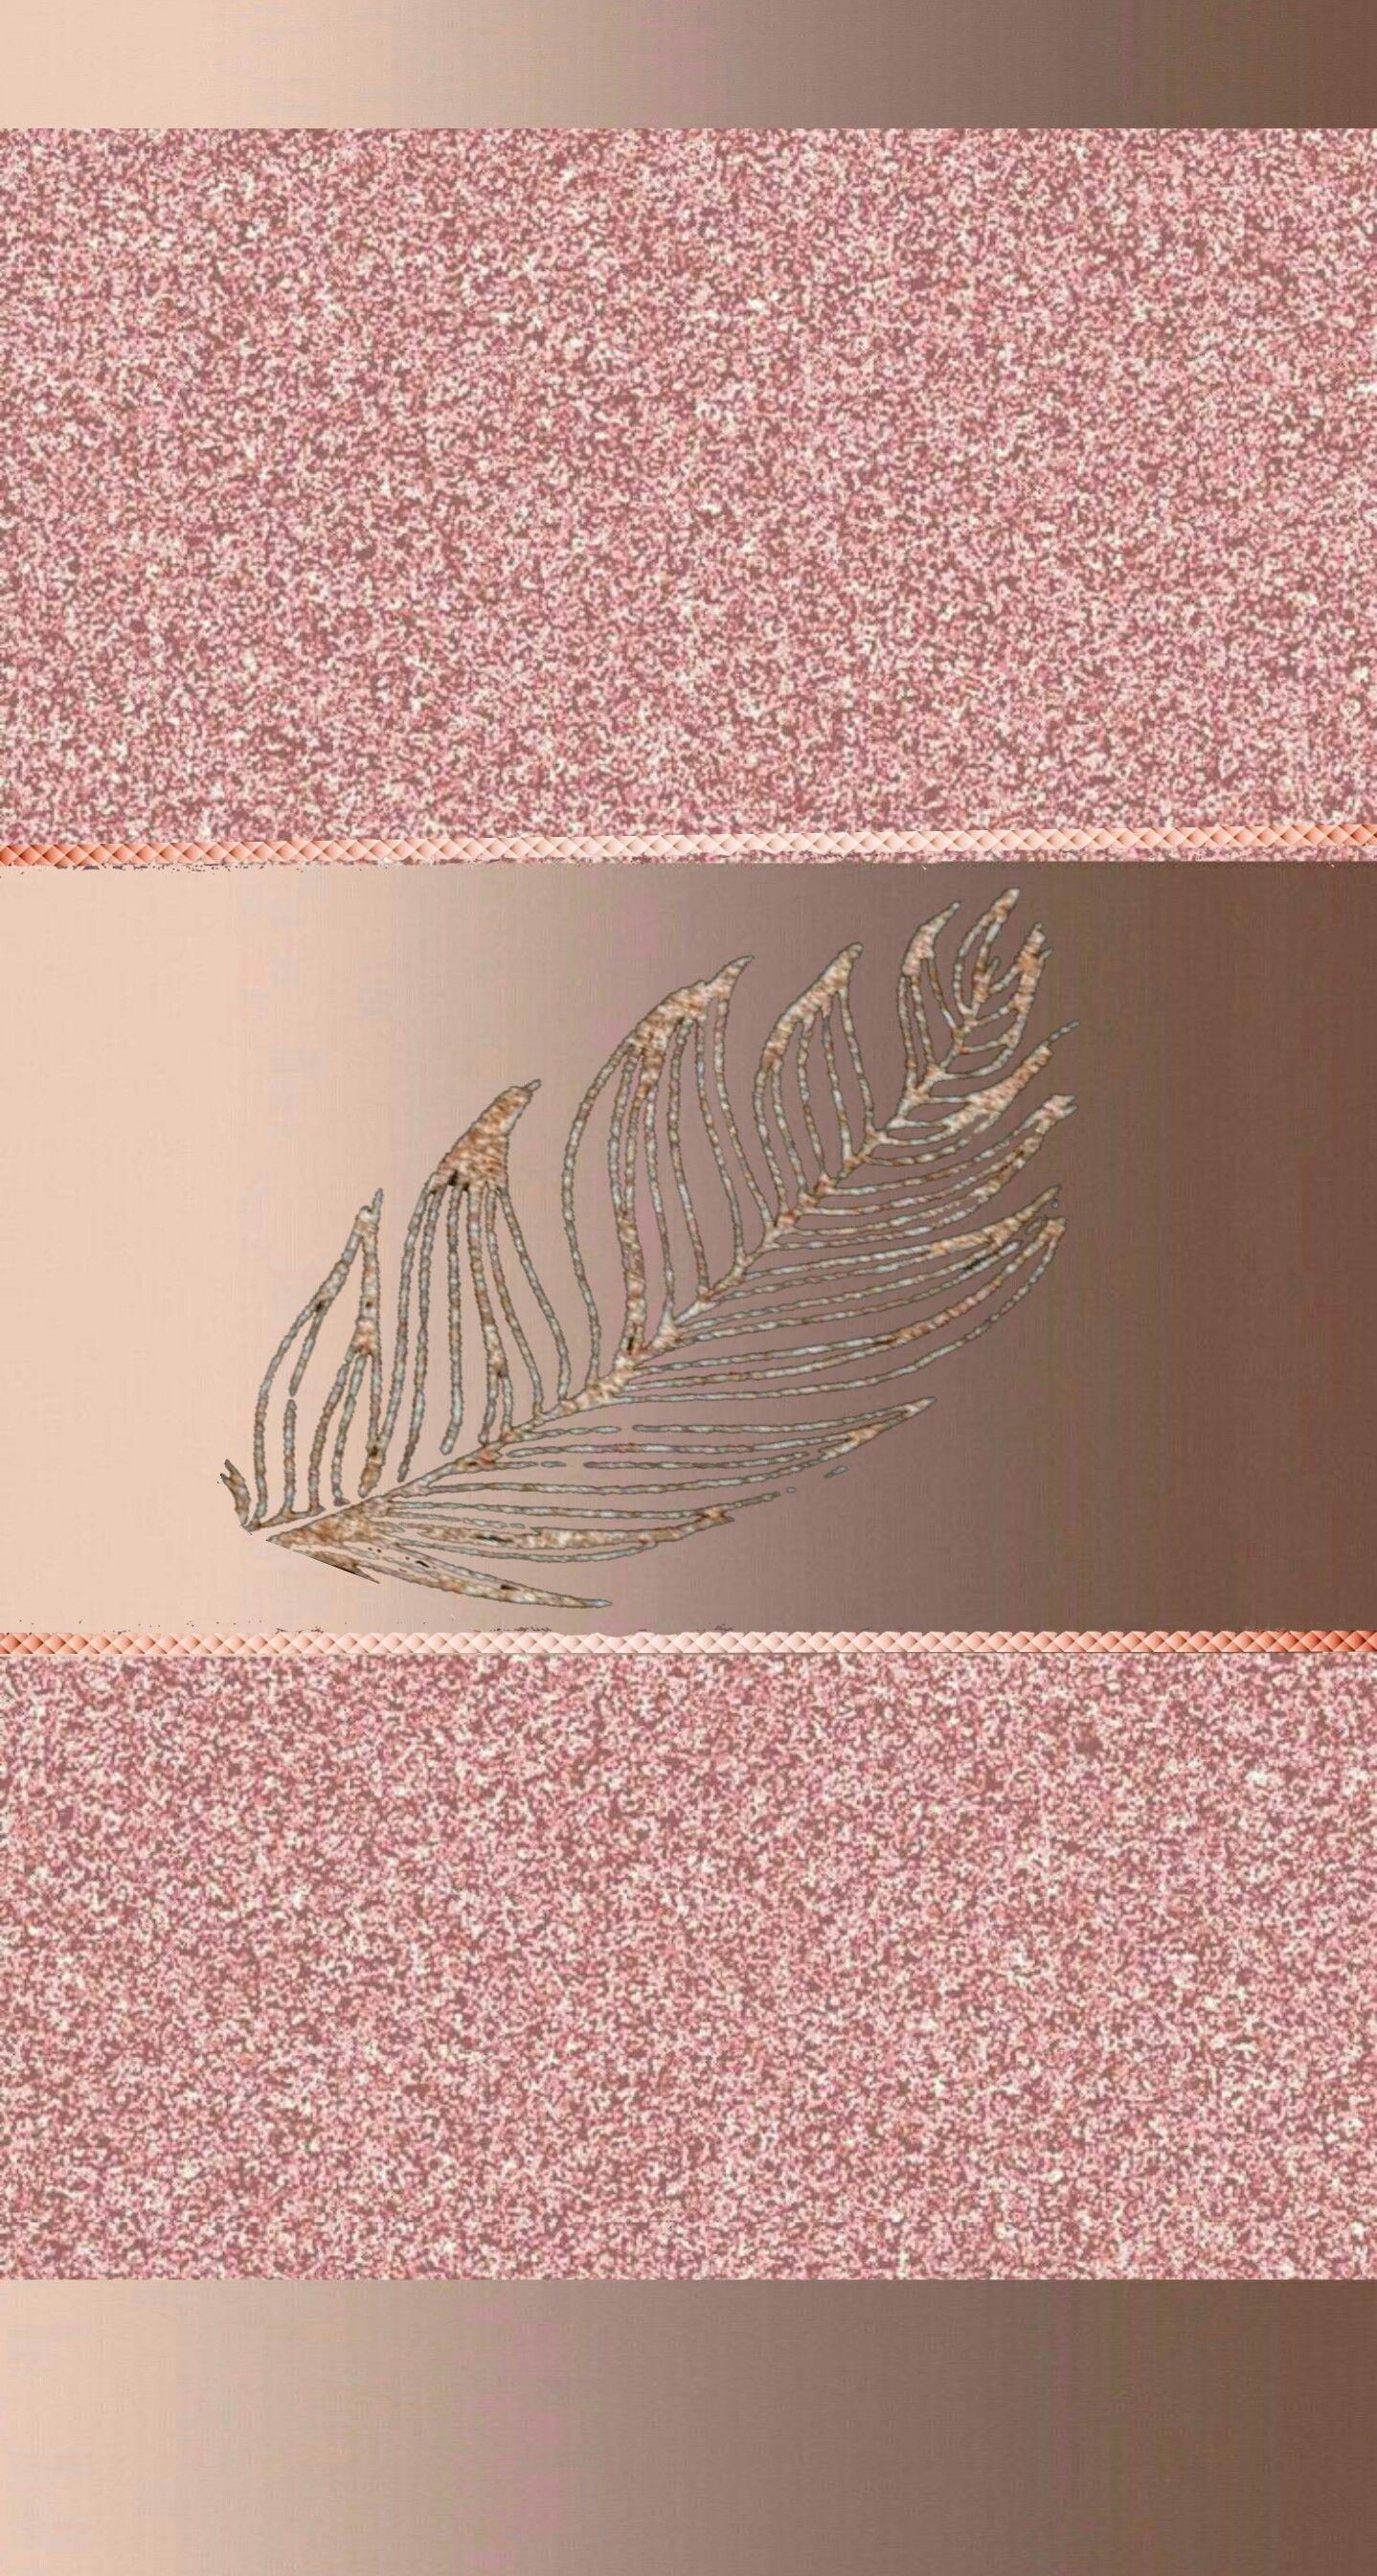 1438x2690 Rosegold Hintergrund Hintergrundbilder Rosen Handy Tapete Iphone Hintergrundbil Glitter Wallpaper Iphone Rosa Hintergrundbild Iphone Tapete Gold